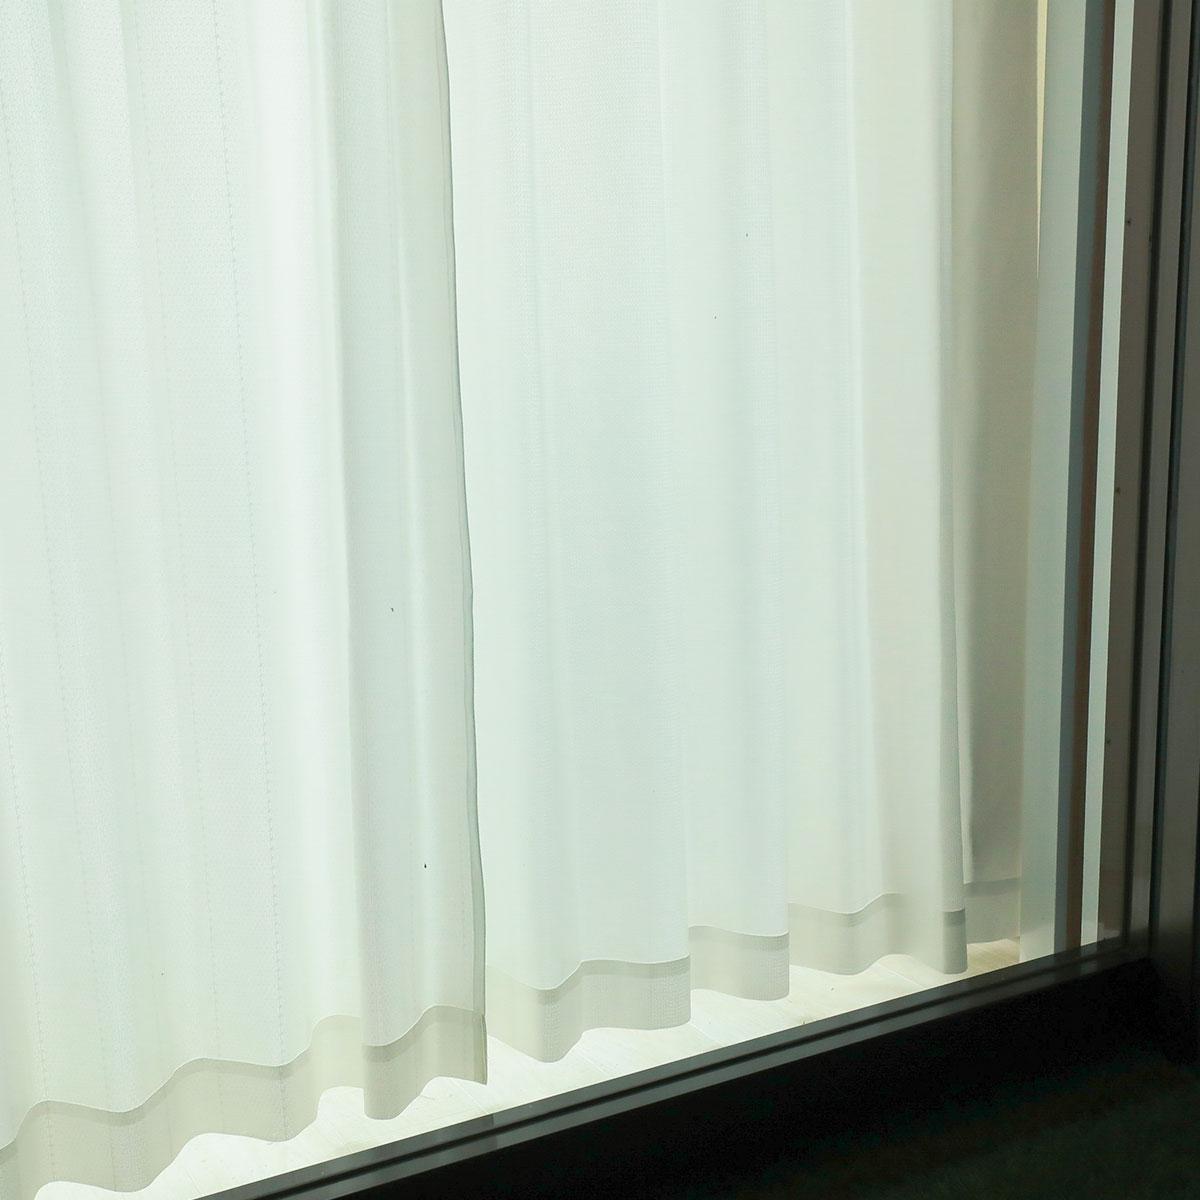 夜間、外から部屋の中を見たようす2